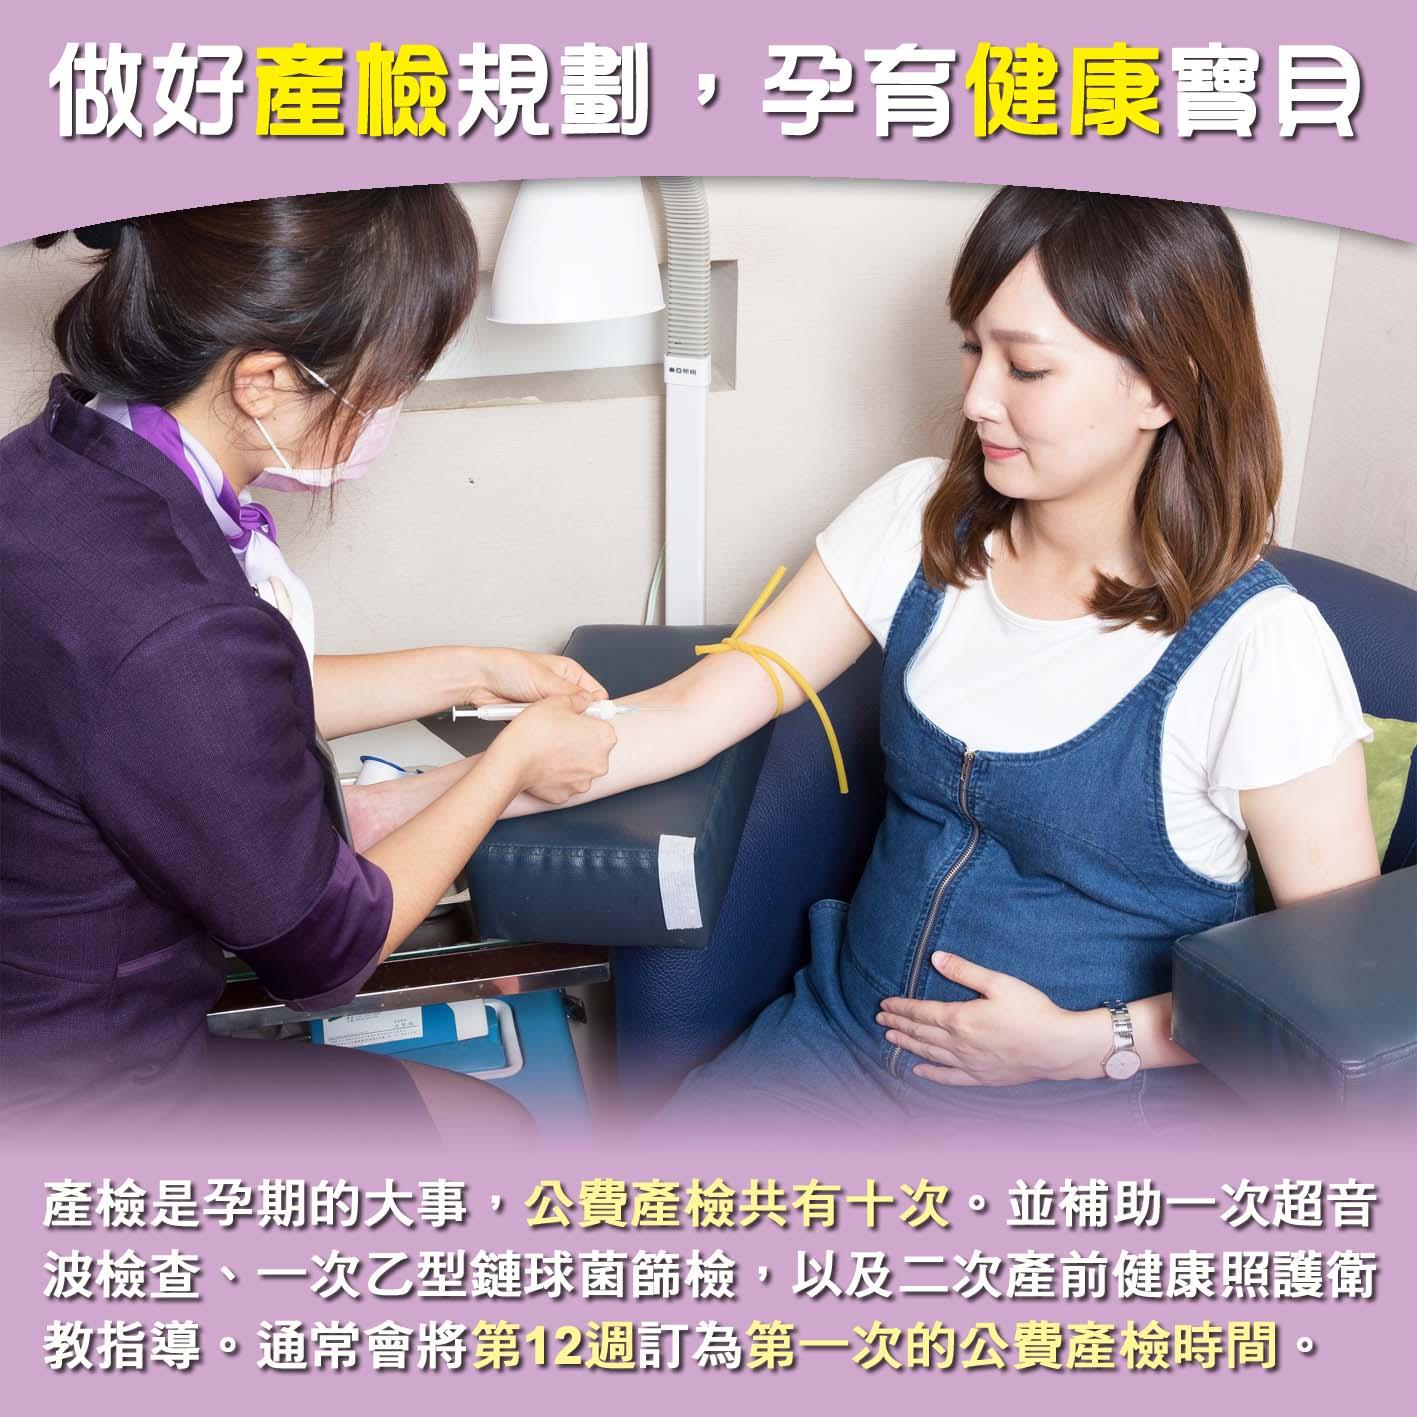 懷孕第12週-做好產檢規劃,孕育健康寶貝